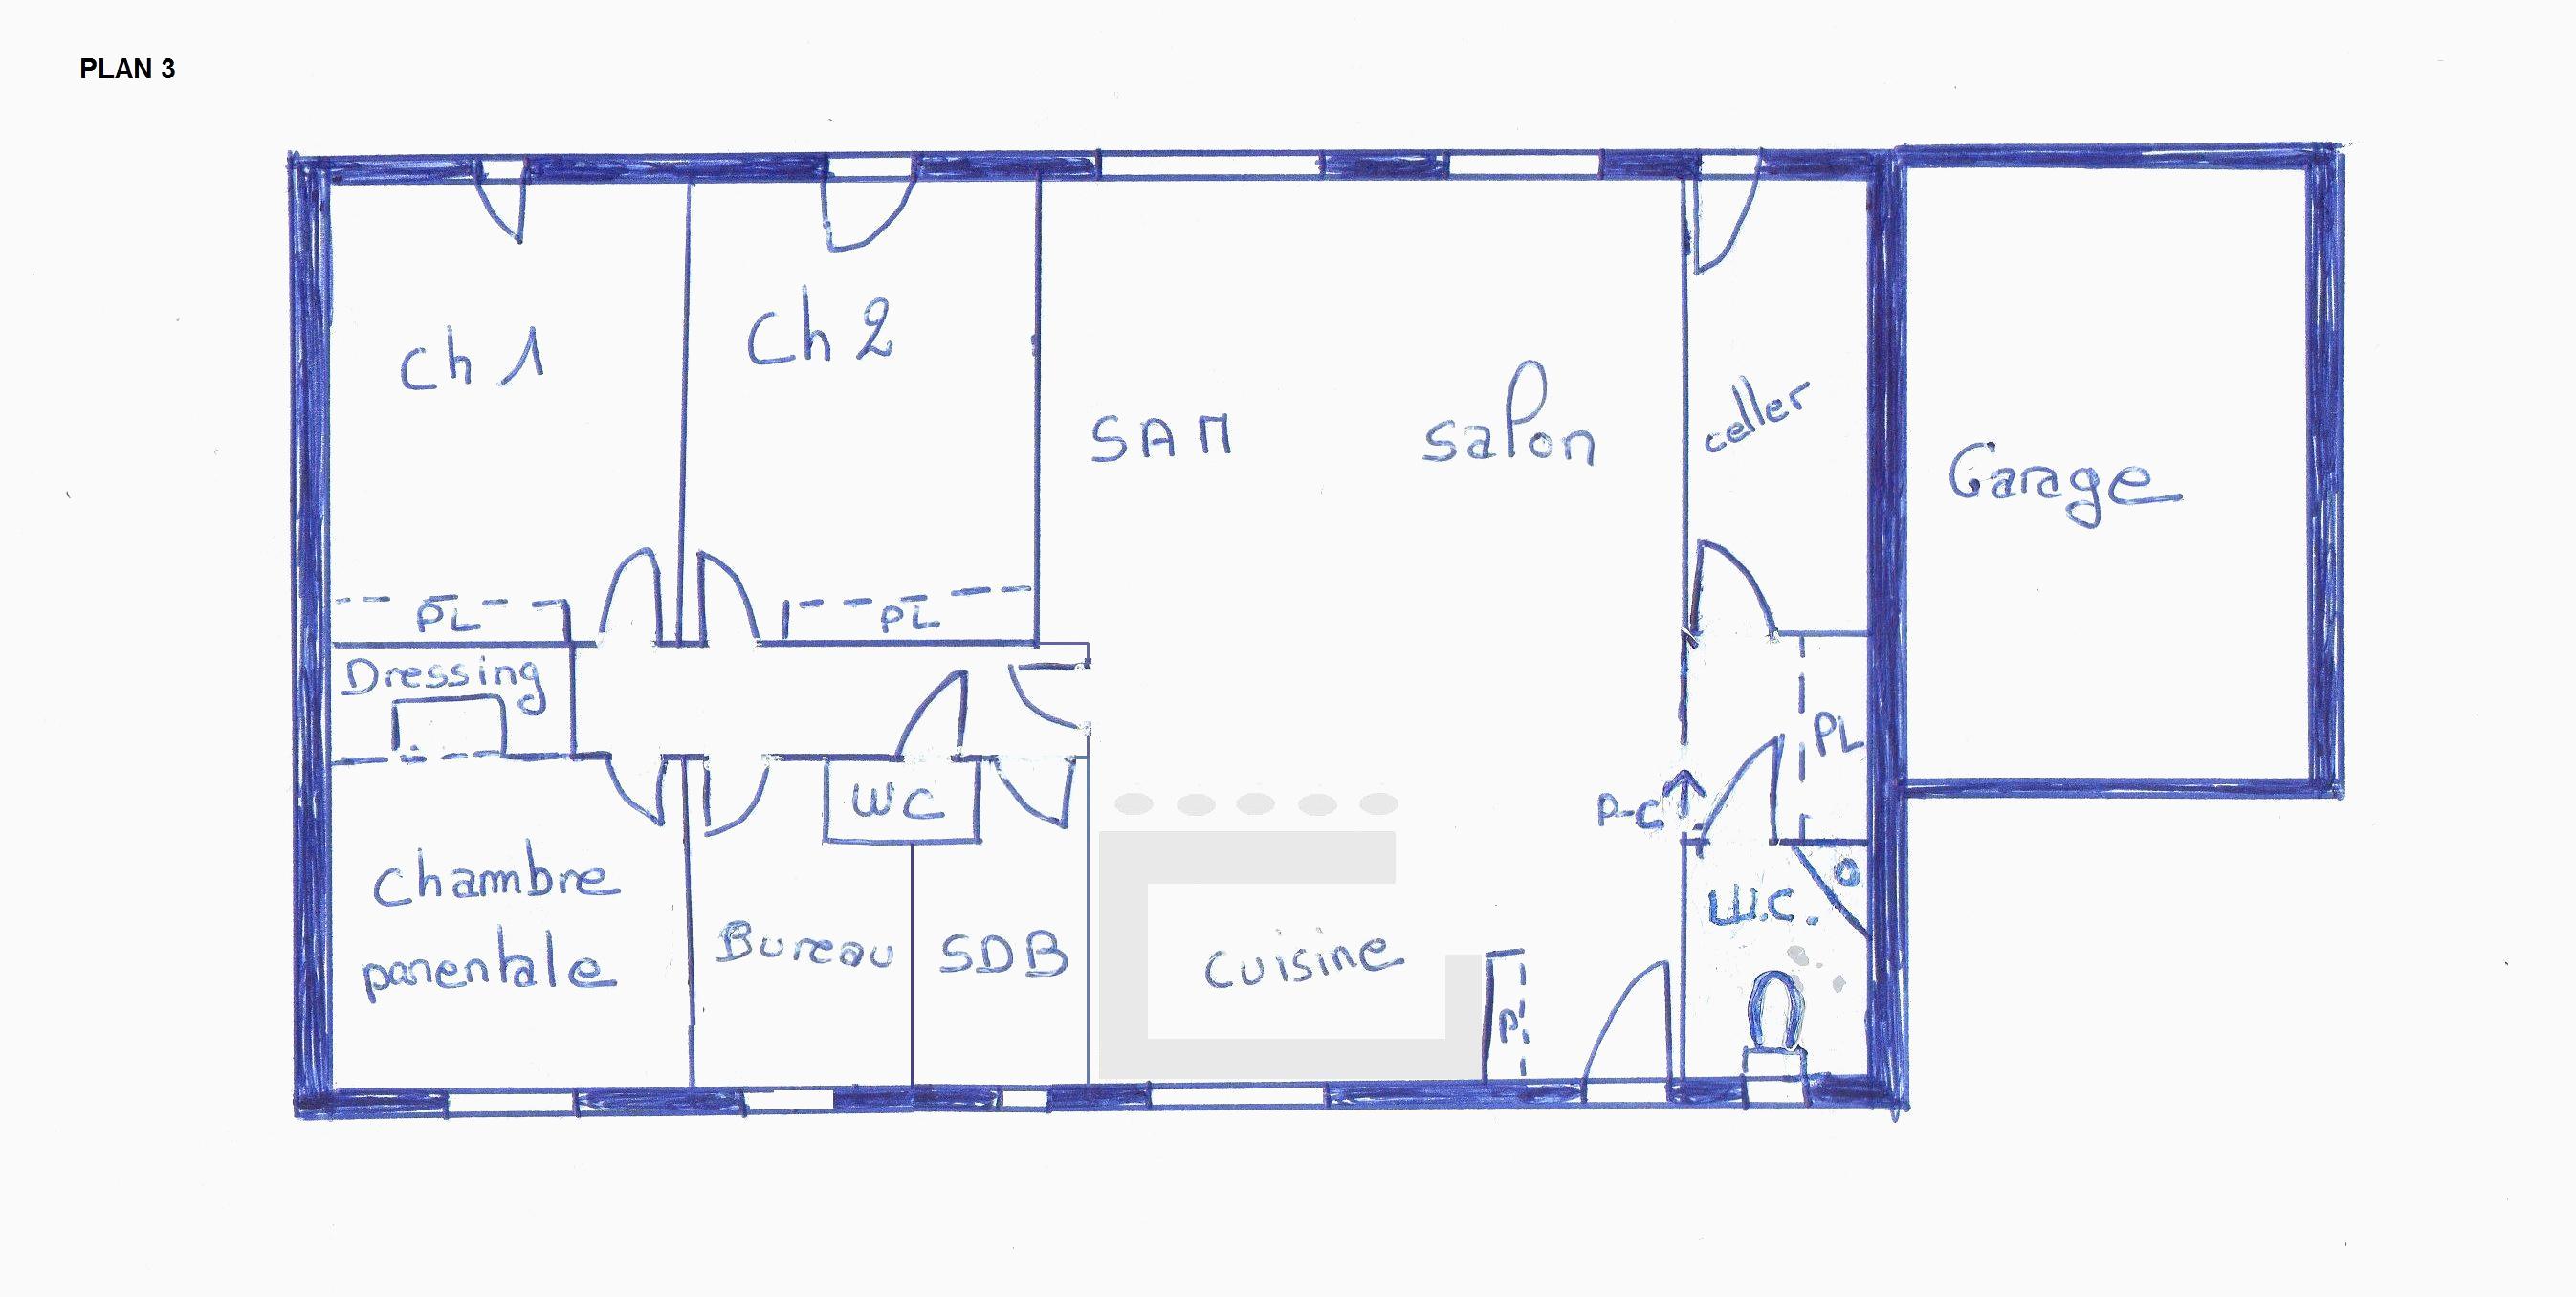 Plan de maison plain pied 3 chambres 80m2 id es de travaux - Plan maison 110m2 plein pied ...